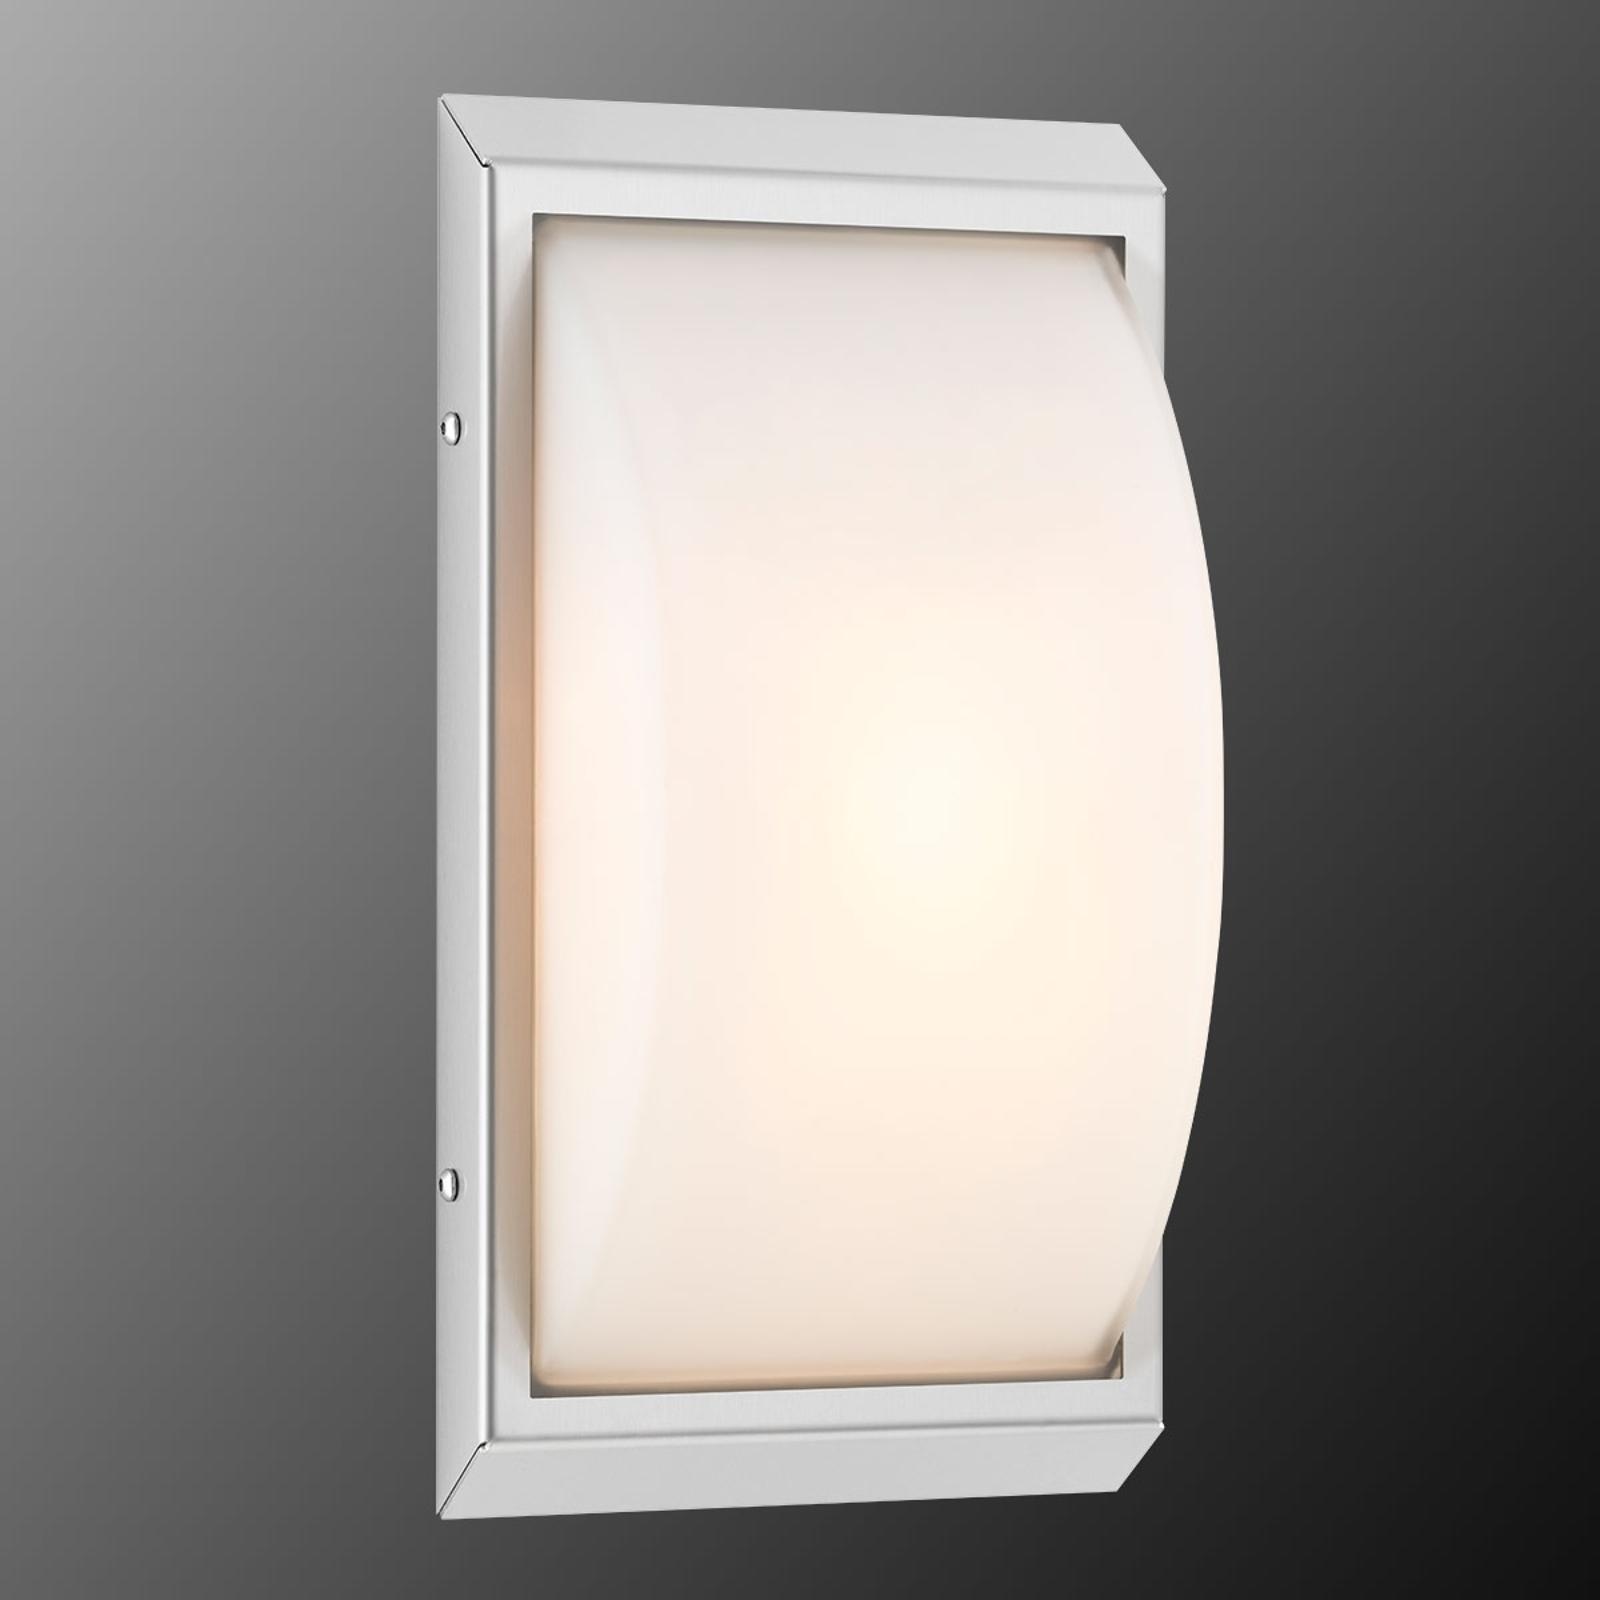 LED-Außenwandleuchte Malte